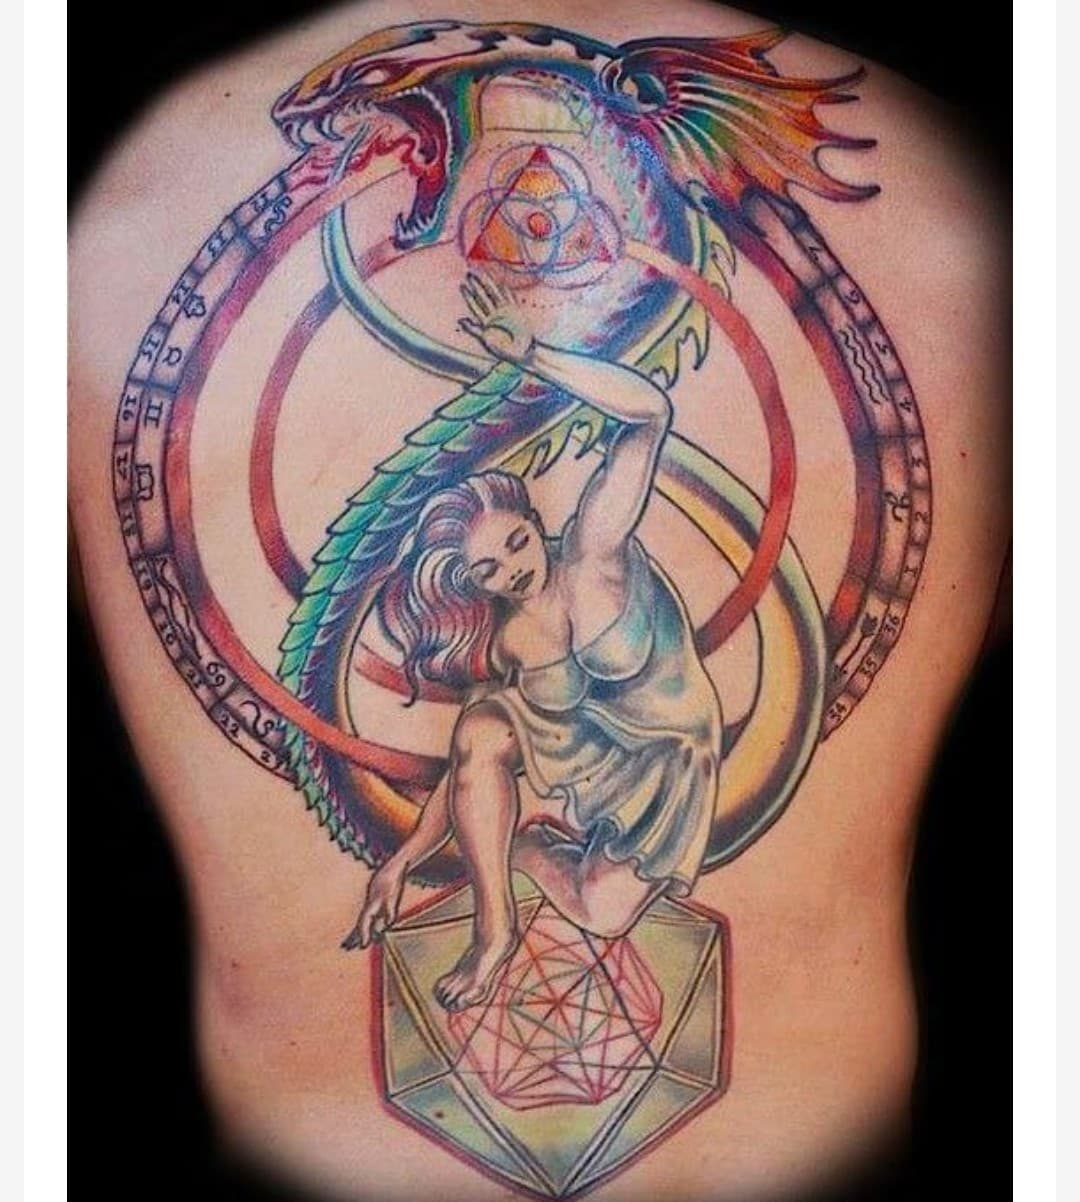 Colourful Ouroboro Tattoo Design